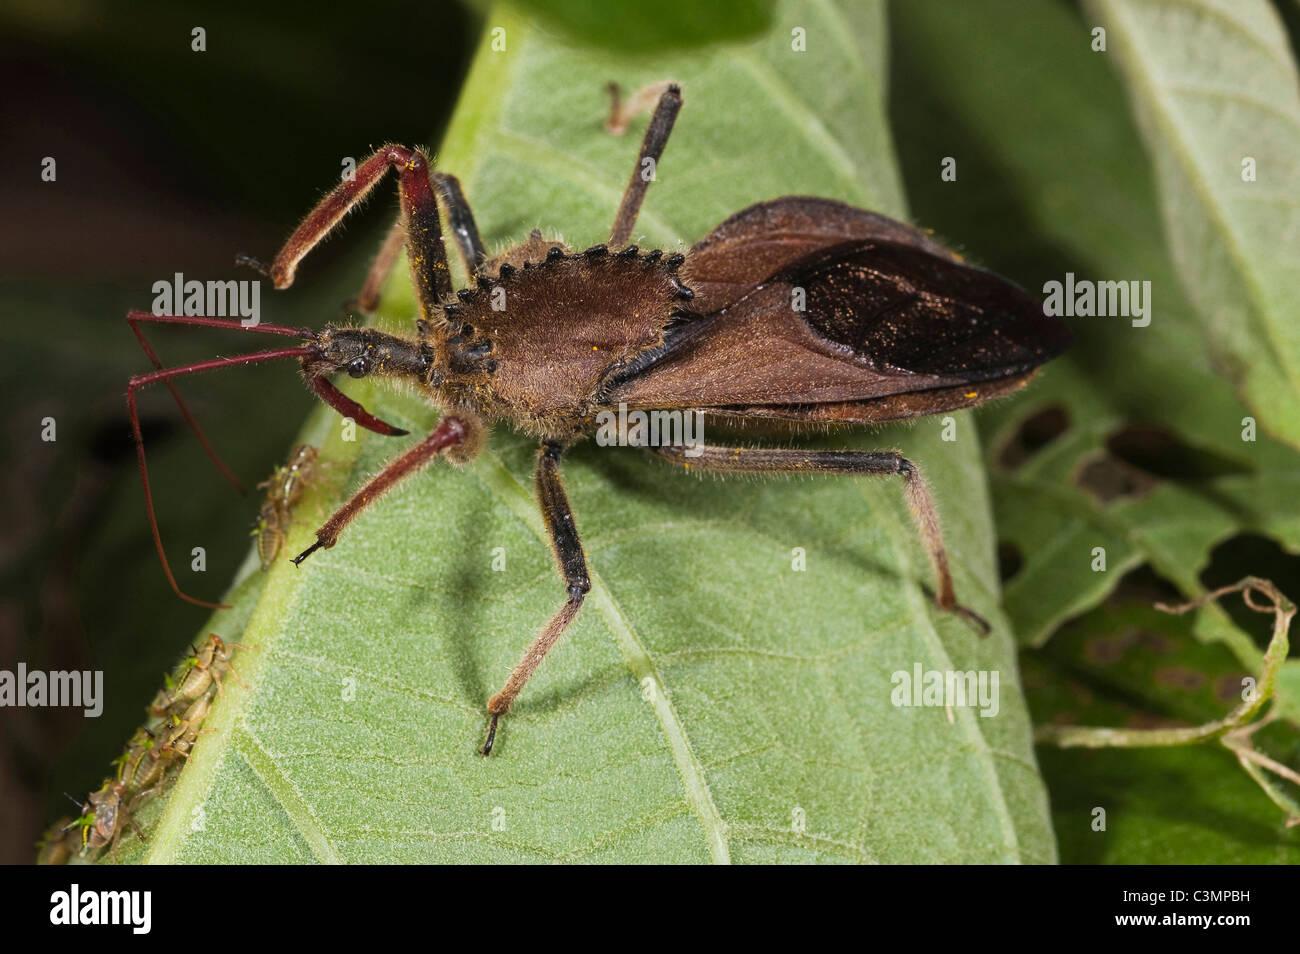 bug noir coqsCheerleaders chauds ayant sexe lesbien